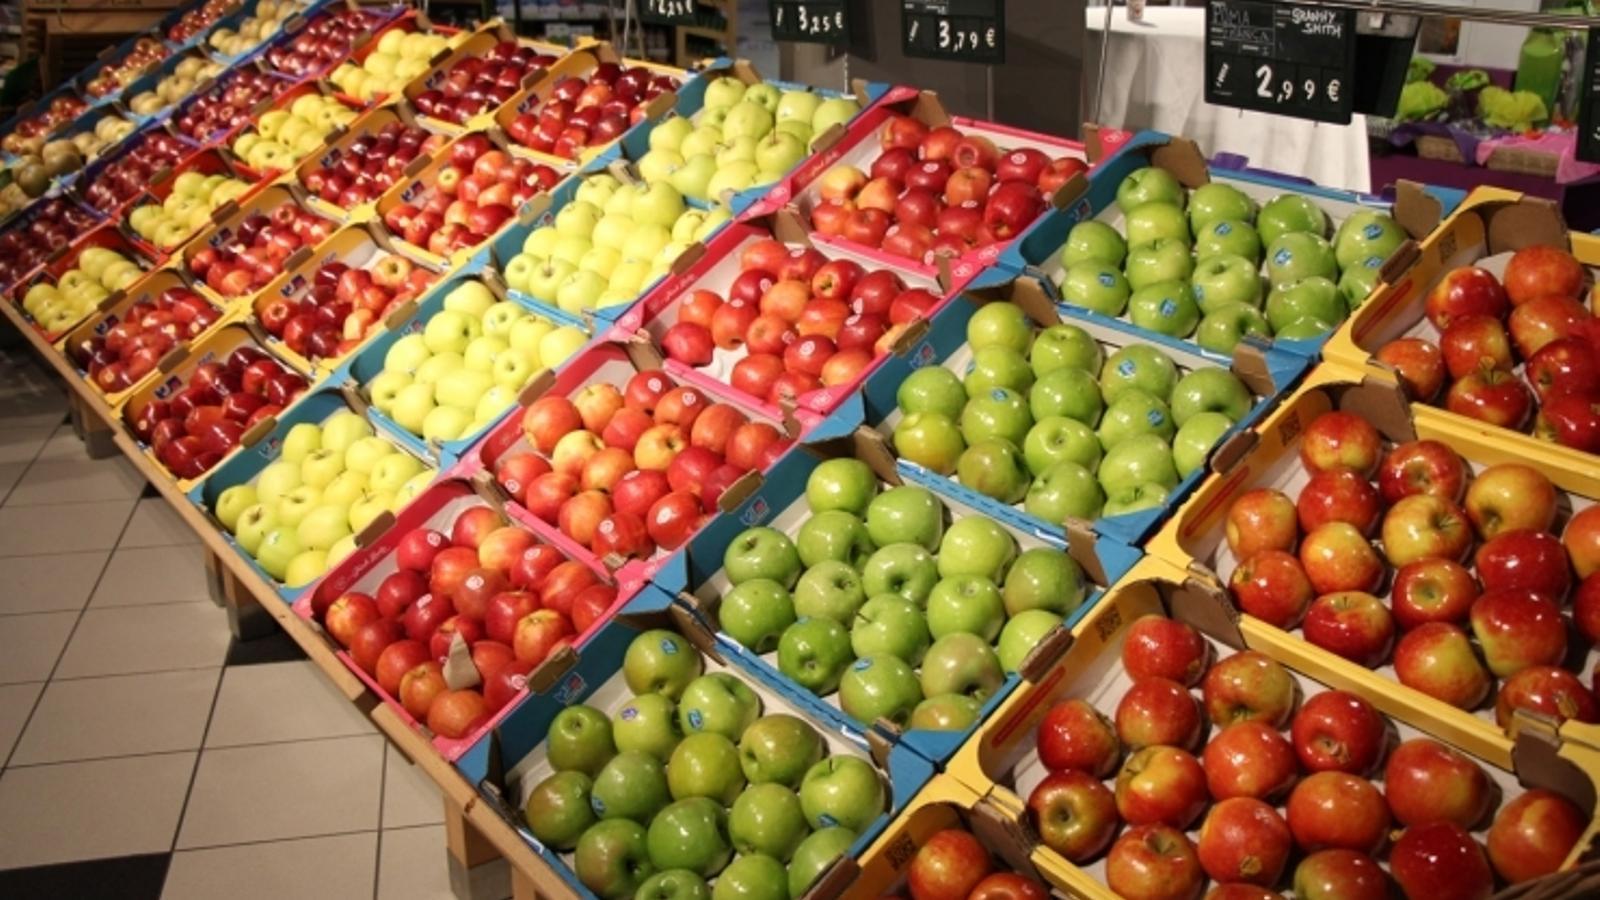 Productes en un supermercat. / ANA